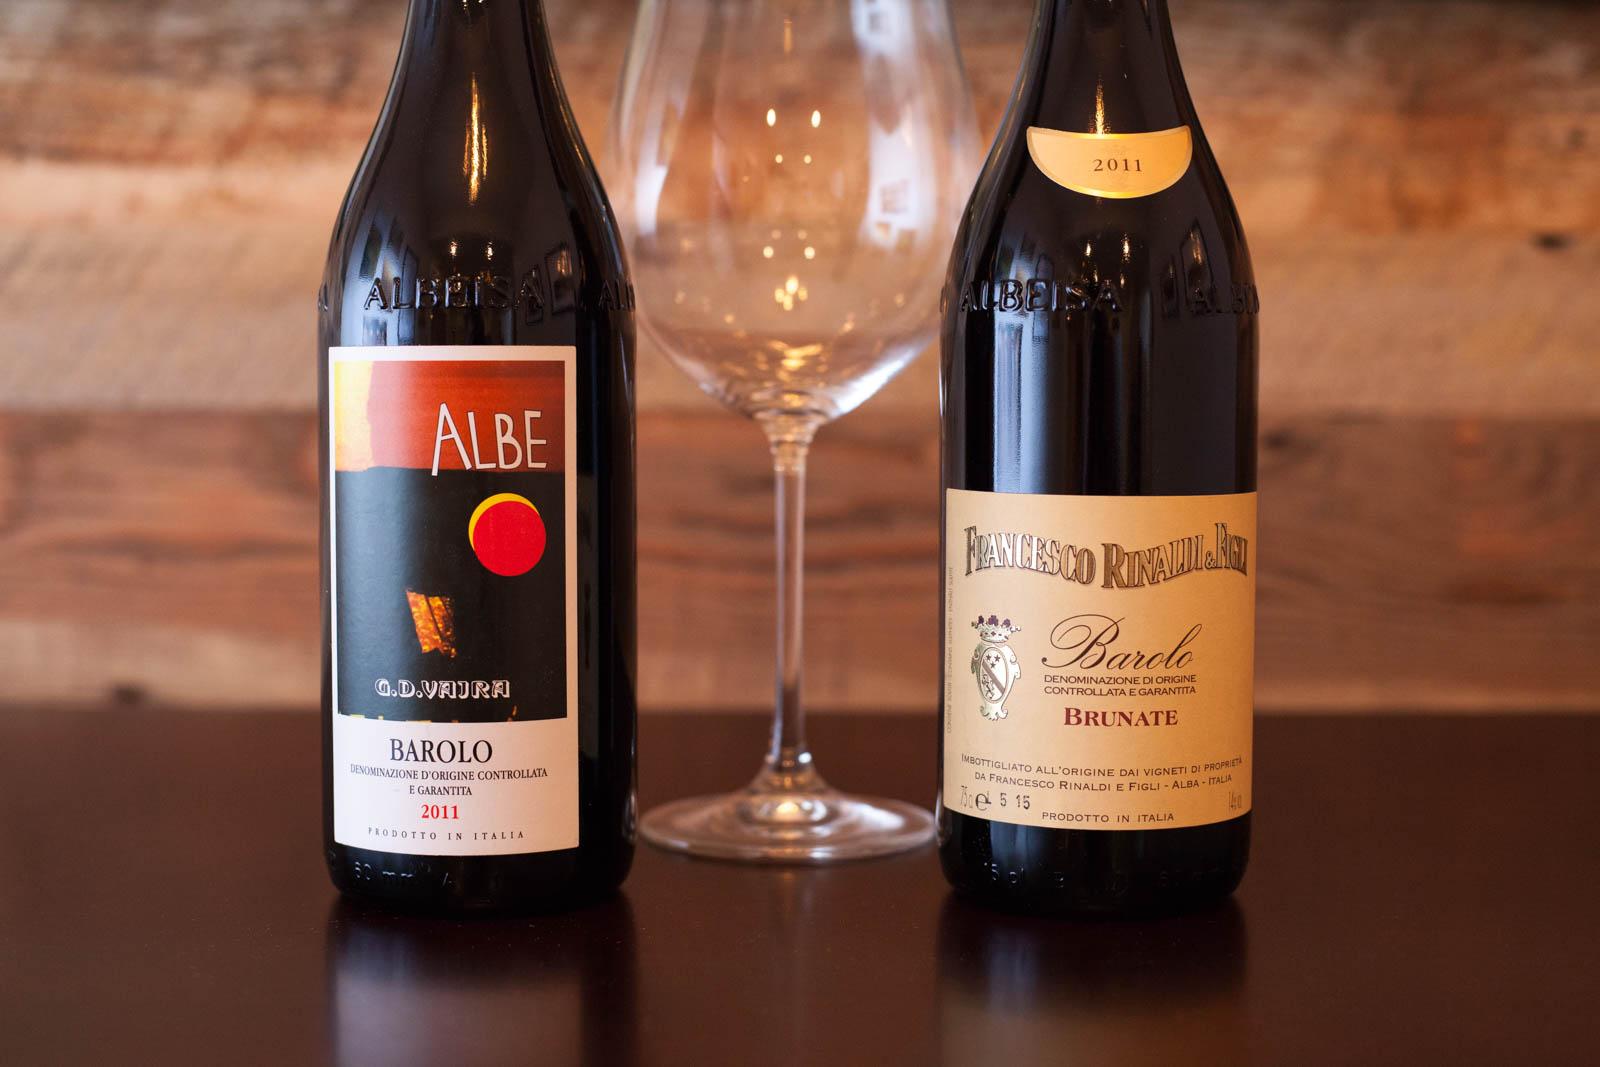 """2011 Francesco Rinaldi & Figli """"Brunate"""" Barolo; 2011 G.D. Vajra """"Albe"""" Barolo. ©Kevin Day"""